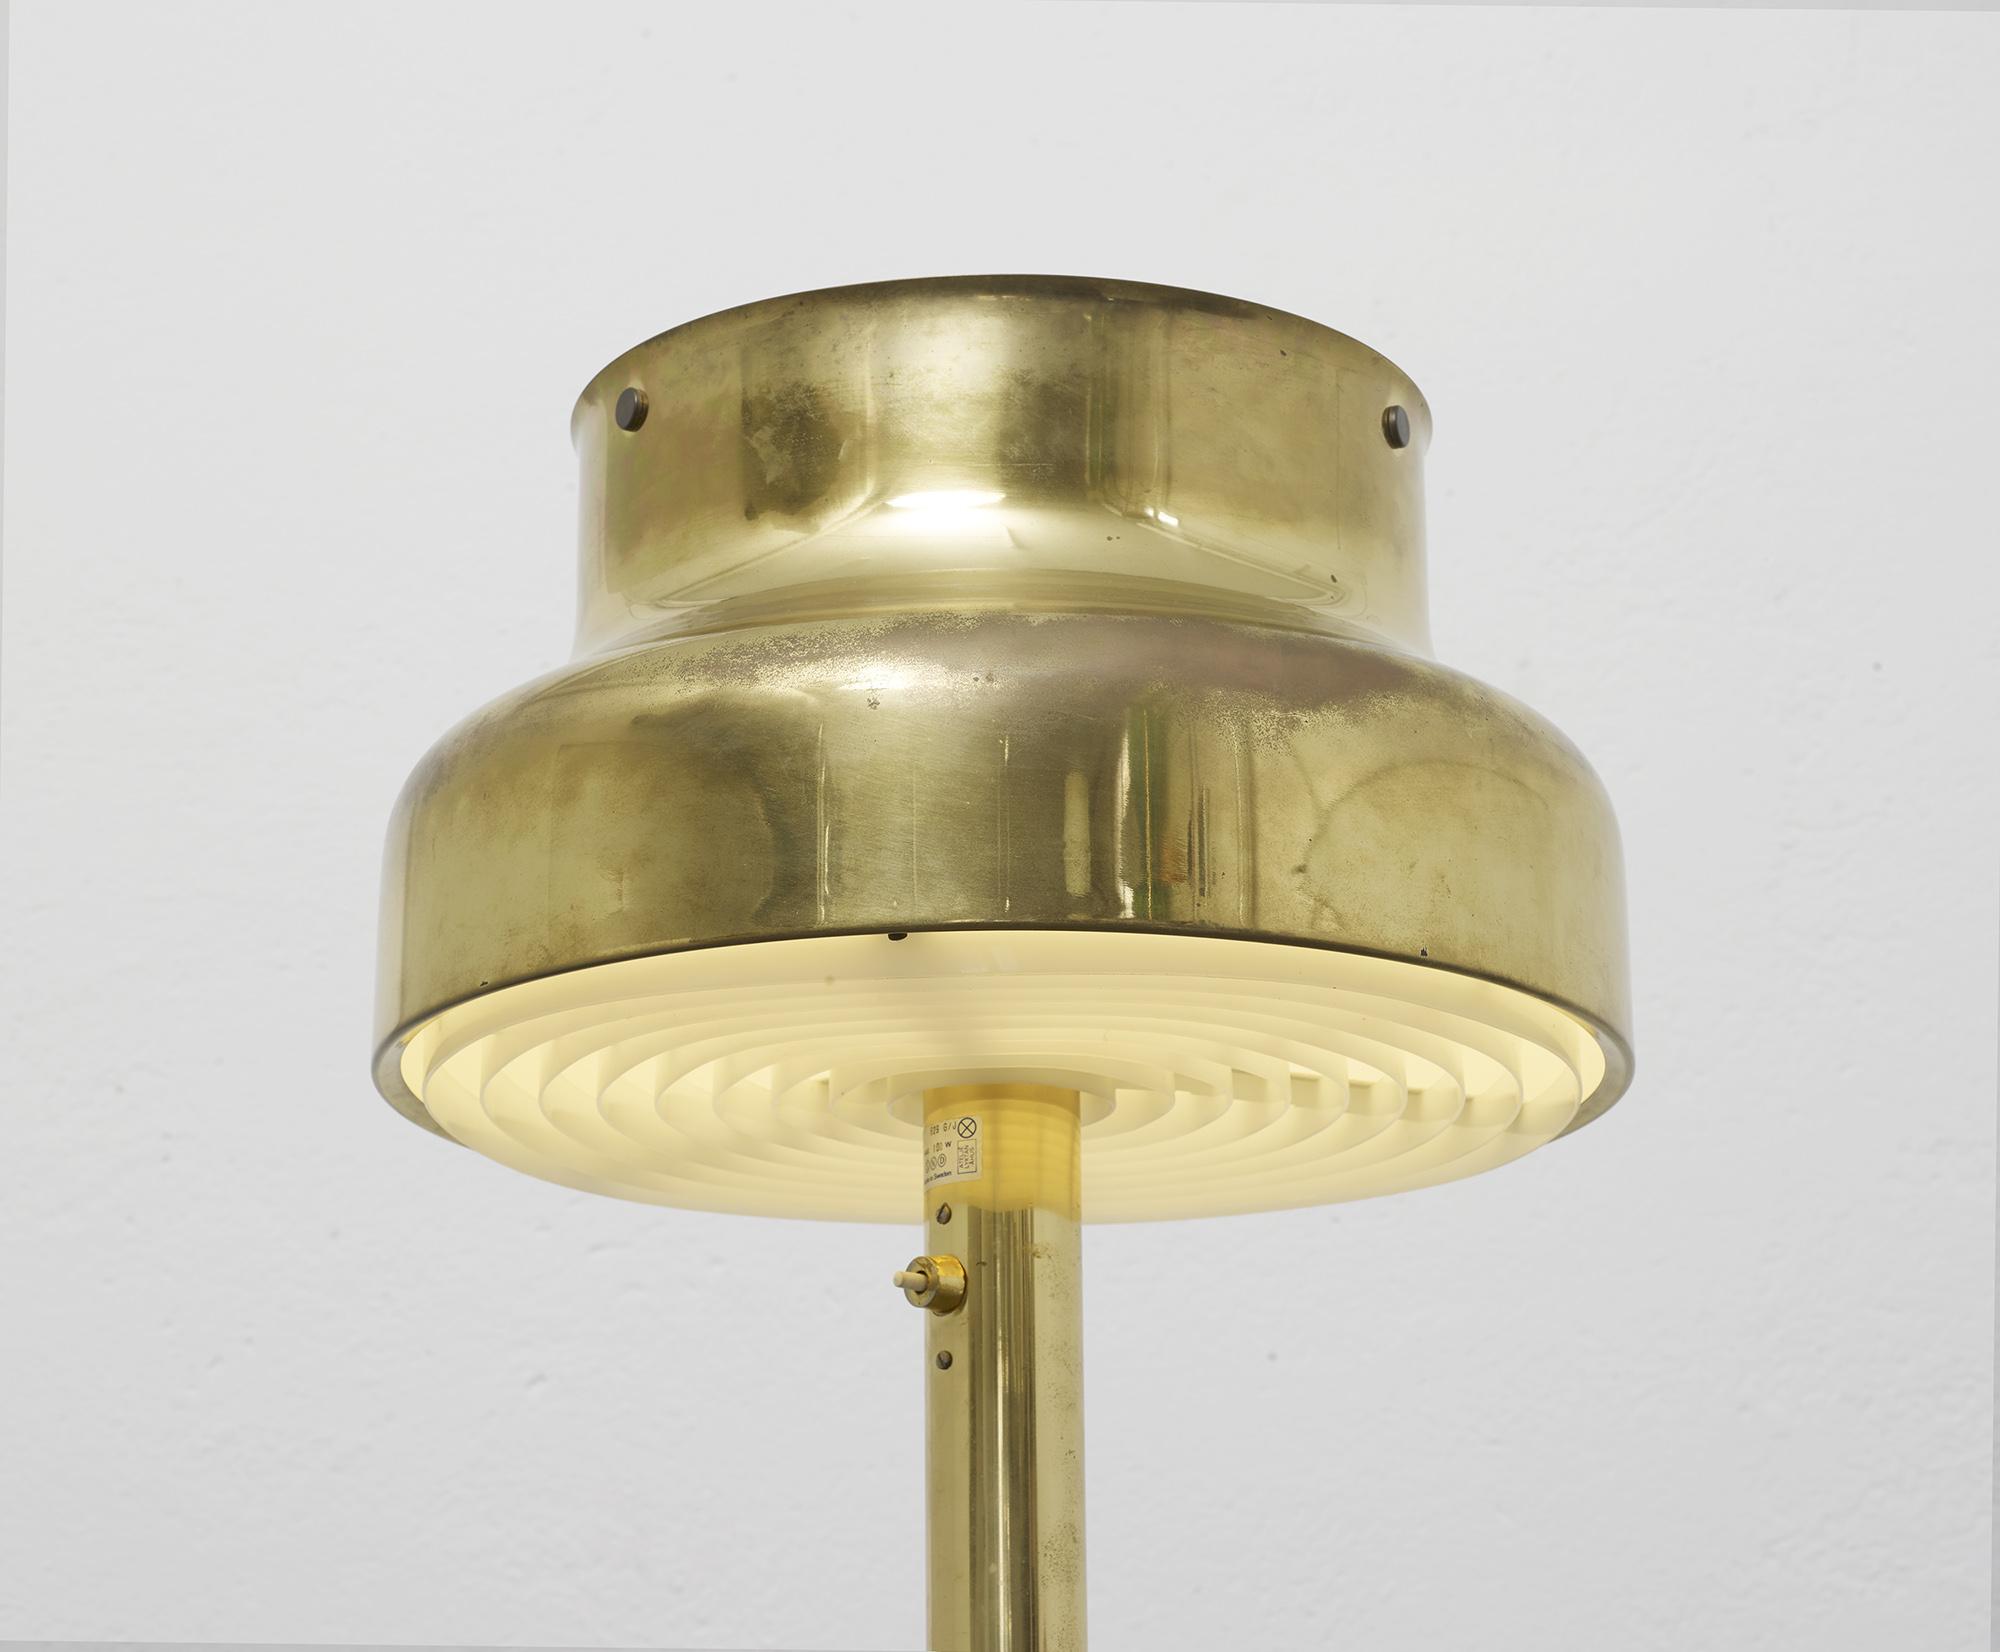 lampe-de-sol-bumling-en-laiton-de-anders-pehrson-1968-image-01